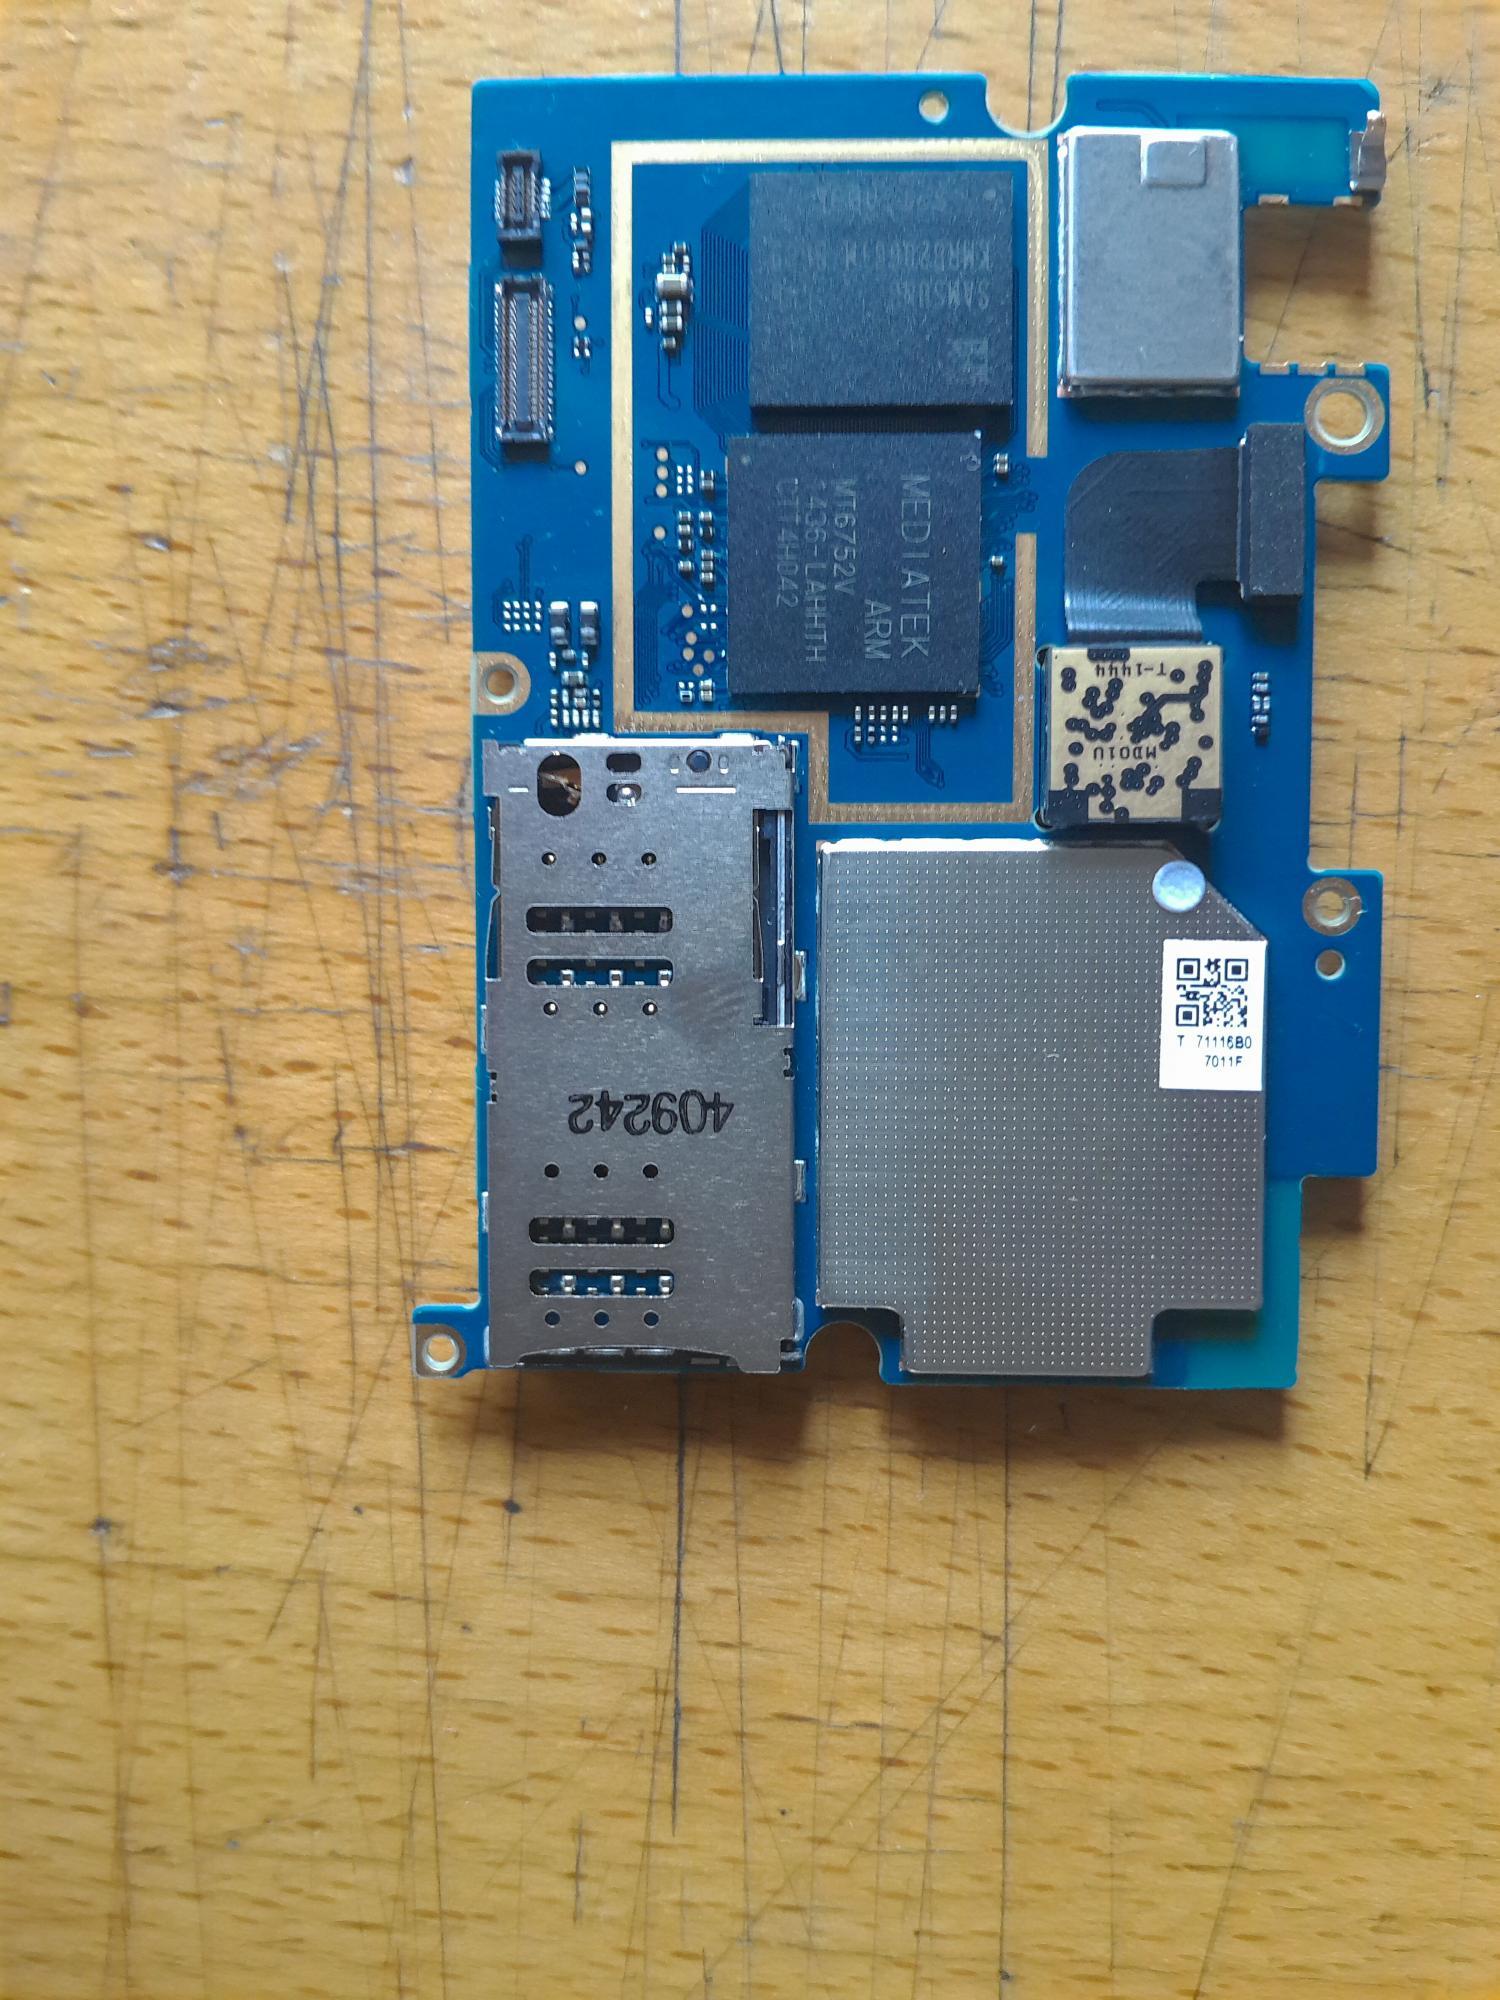 电路板 机器设备 1500_2000 竖版 竖屏